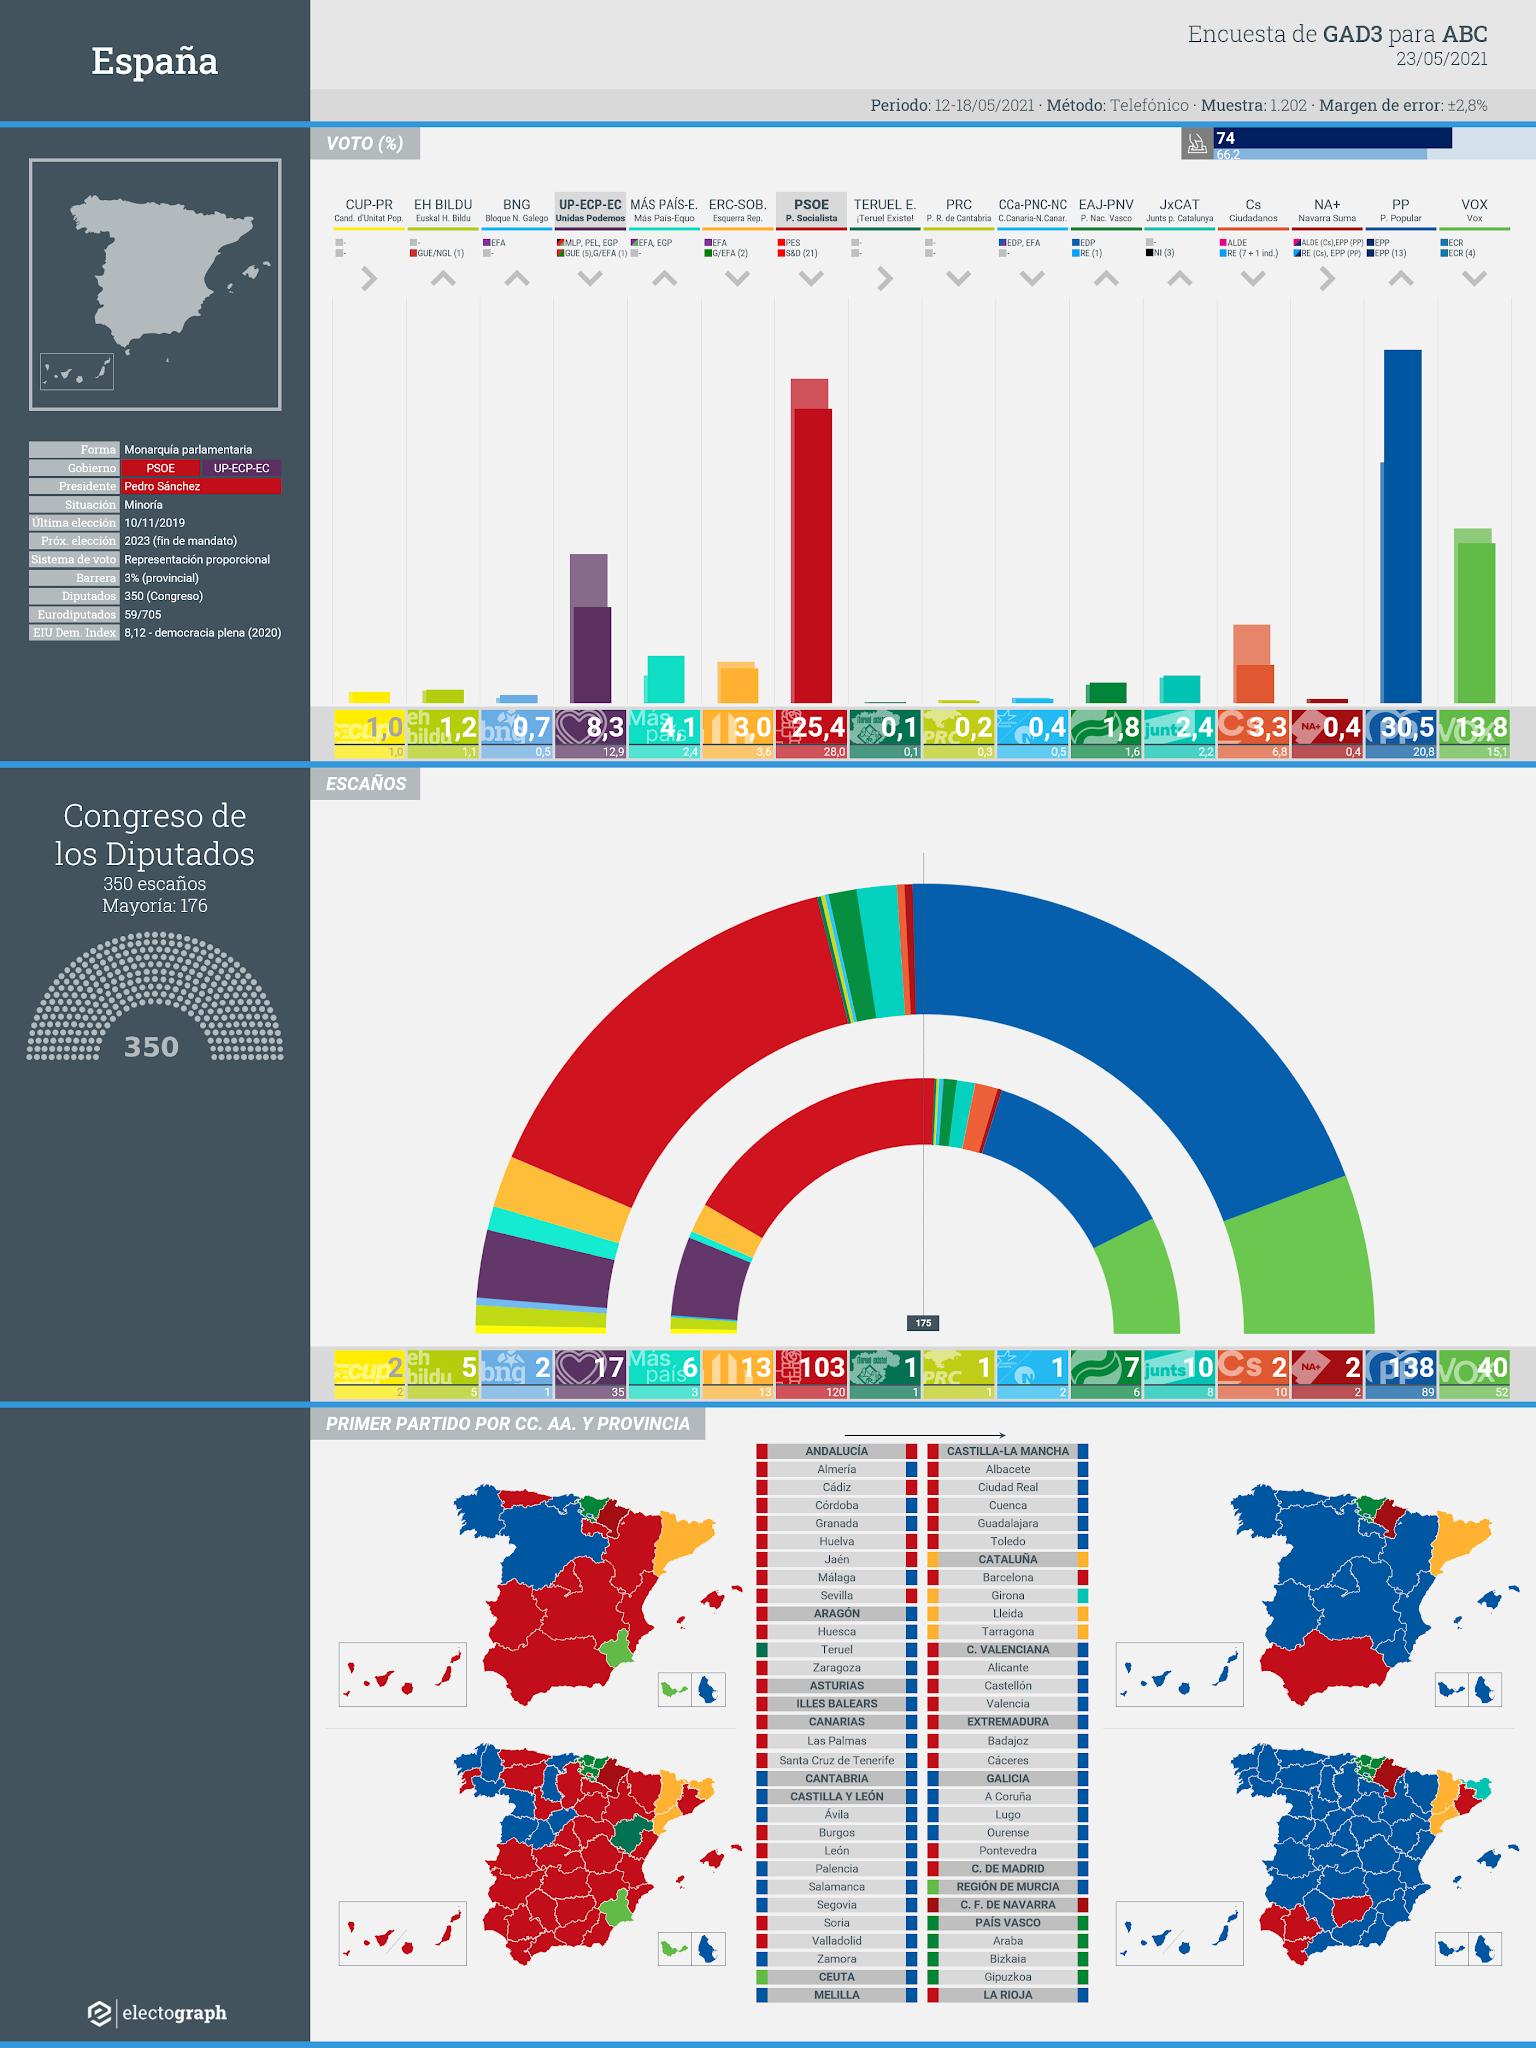 Gráfico de la encuesta para elecciones generales en España realizada por GAD3 para ABC, 23 de mayo de 2020